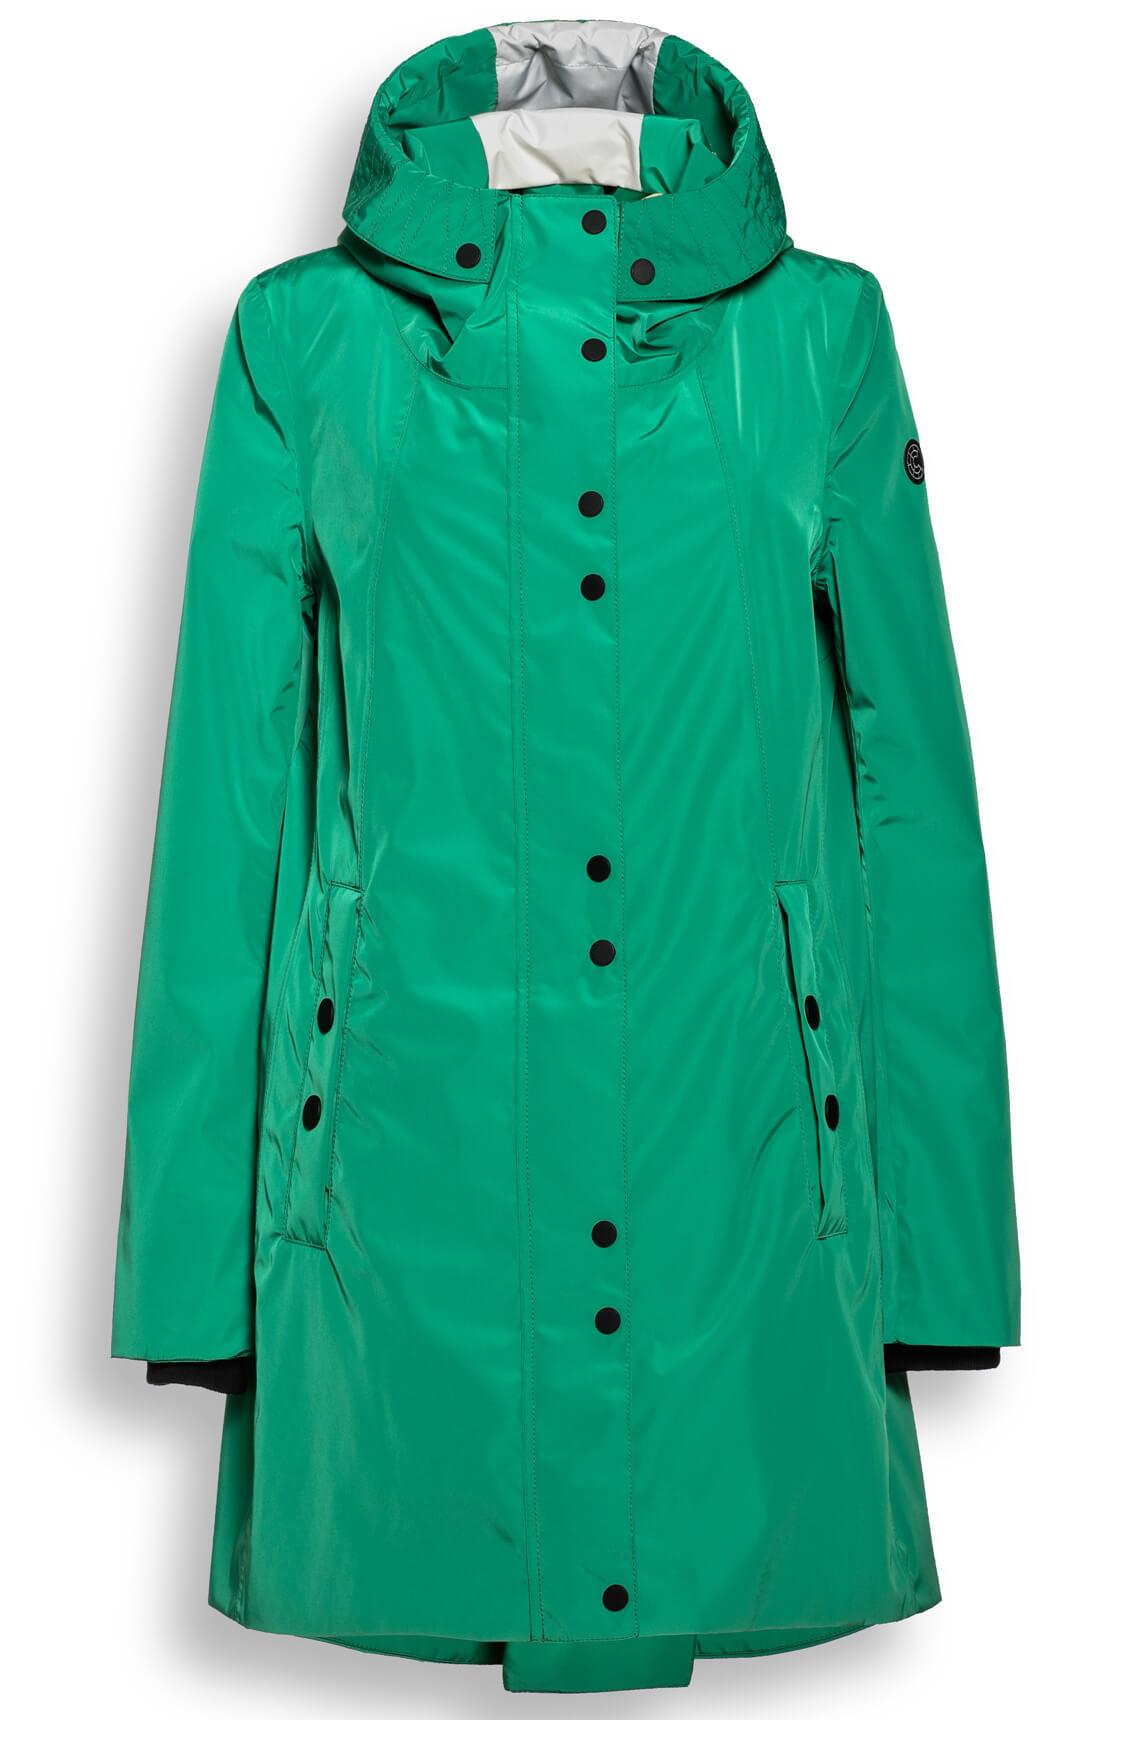 Creenstone Dames Regenjas groen